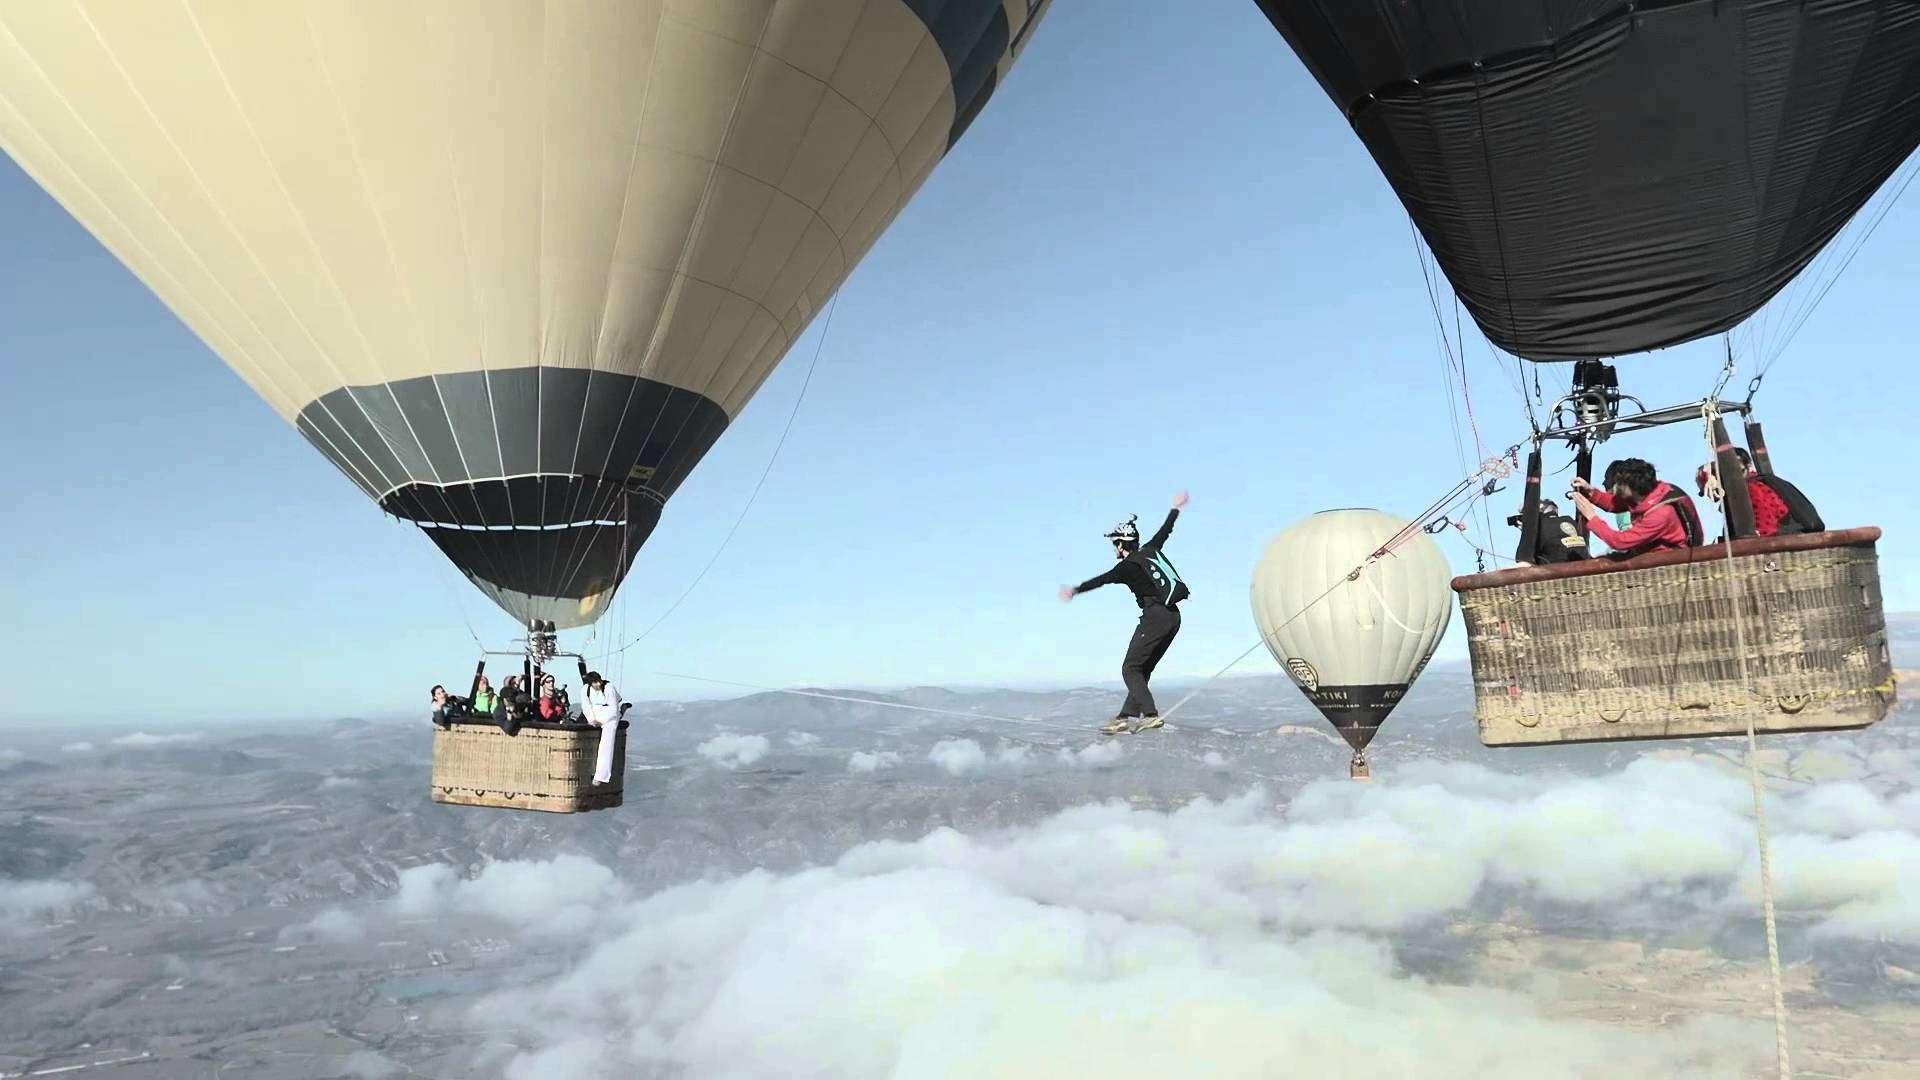 気球の間に張られたスラックラインをやって超高高度から落下する動画The Balloon Highline